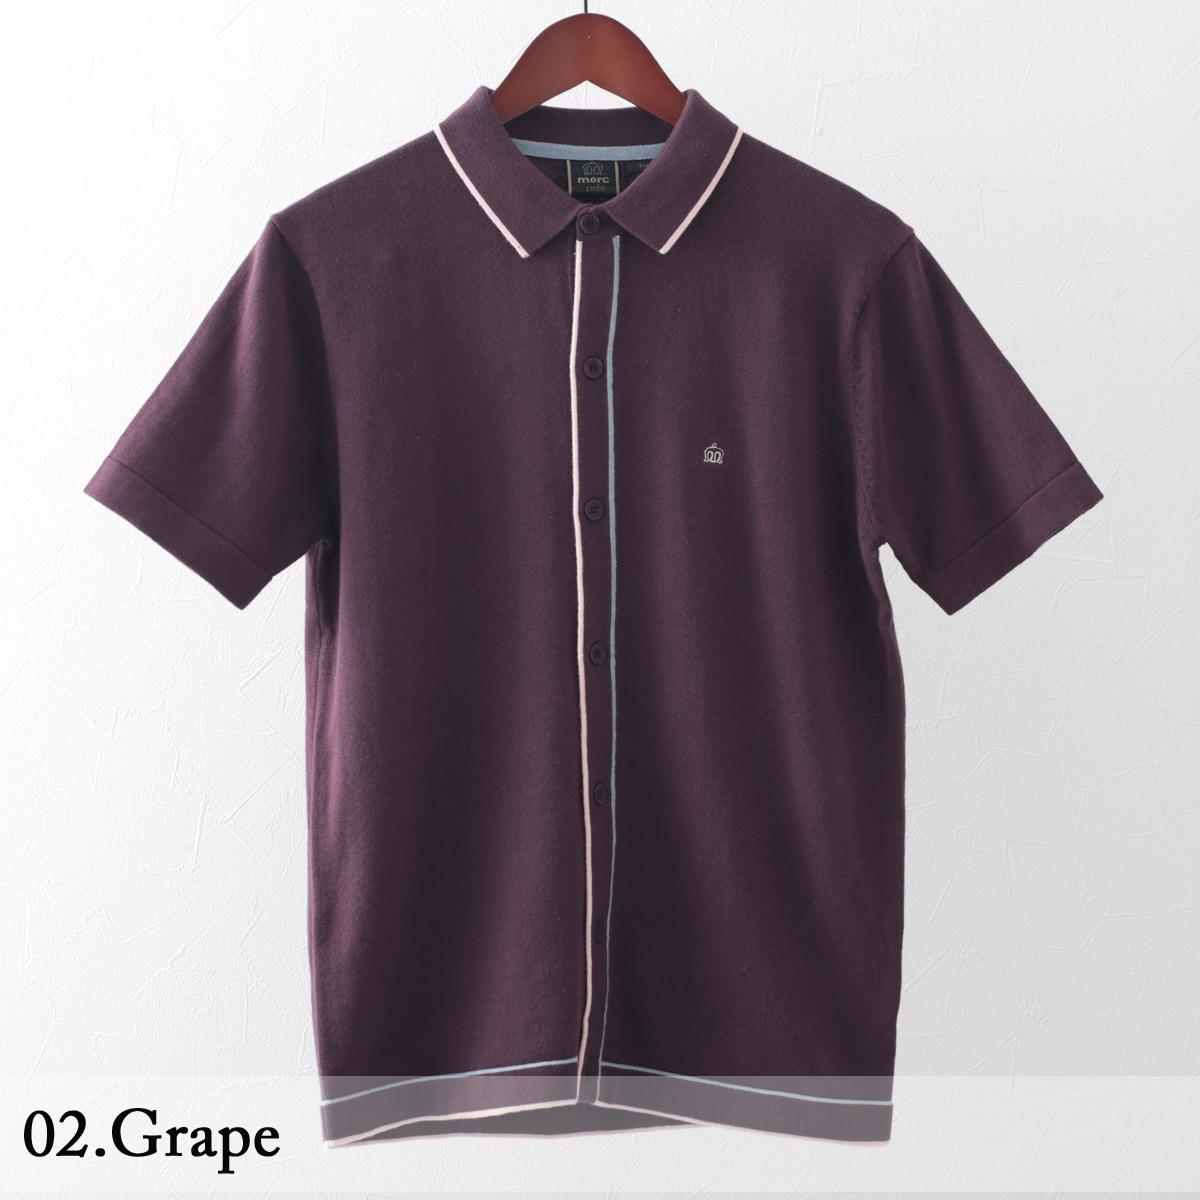 メルクロンドン メンズ ポロシャツ ポロ ライン ニット 2色 グレープ ネイビー Merc London モッズファッション